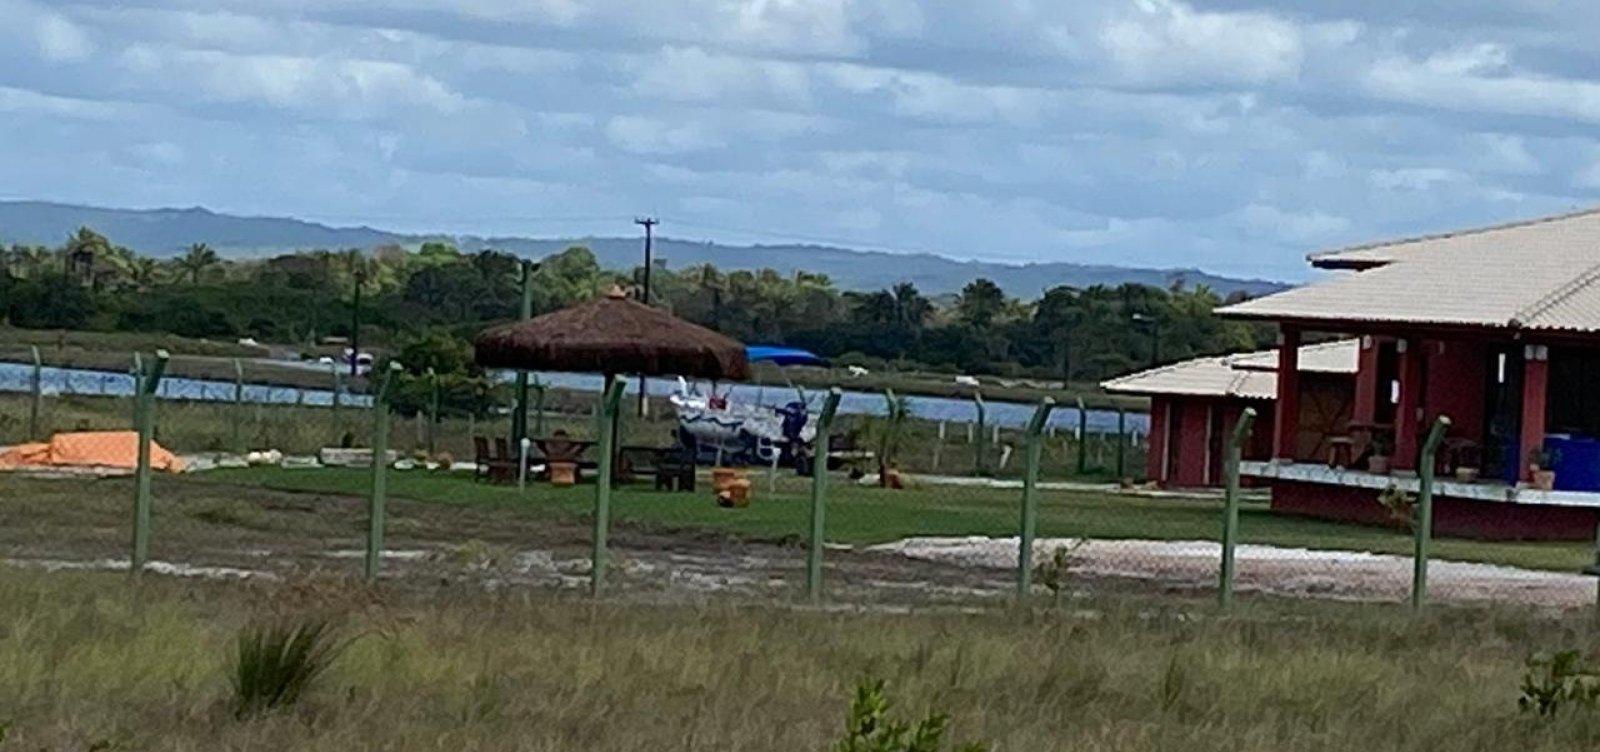 [Operação desativa 'gatos' de energia em fazenda e maricultura no interior da Bahia]